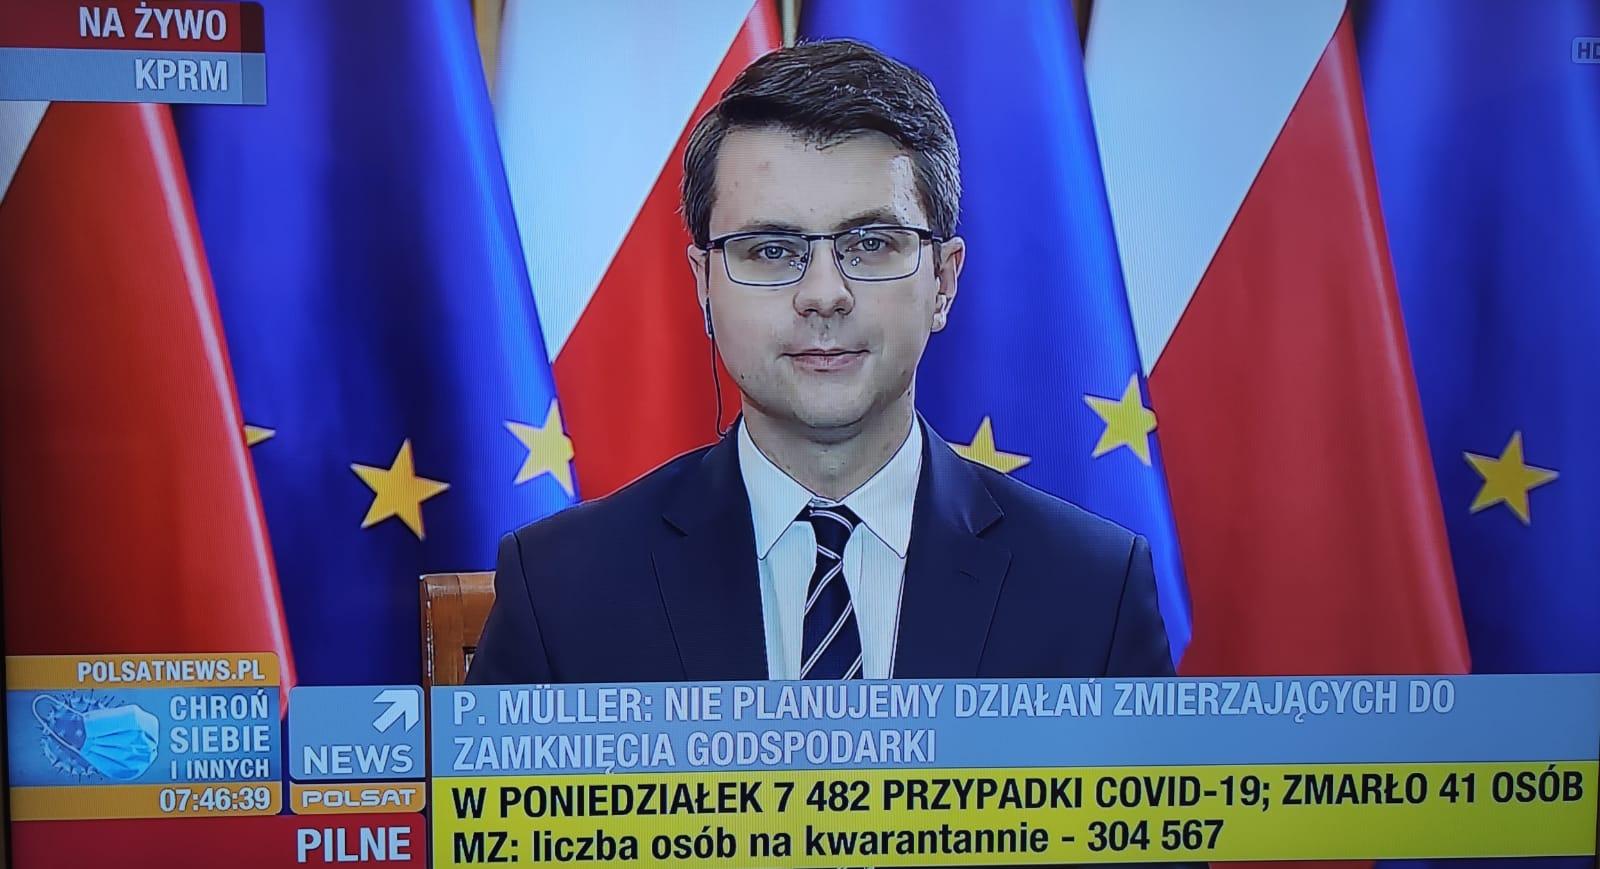 Dzisiejszego poranka Piotr Müller był gościem programu Graffiti na antenie Polsat News. Z red. Grzegorzem Kępką rozmawiali między innymi o walce z koronawirusem oraz o procedowanej specustawie systematyzującej dotychczasowe rozwiązania przyjmowane w rozporządzeniach.